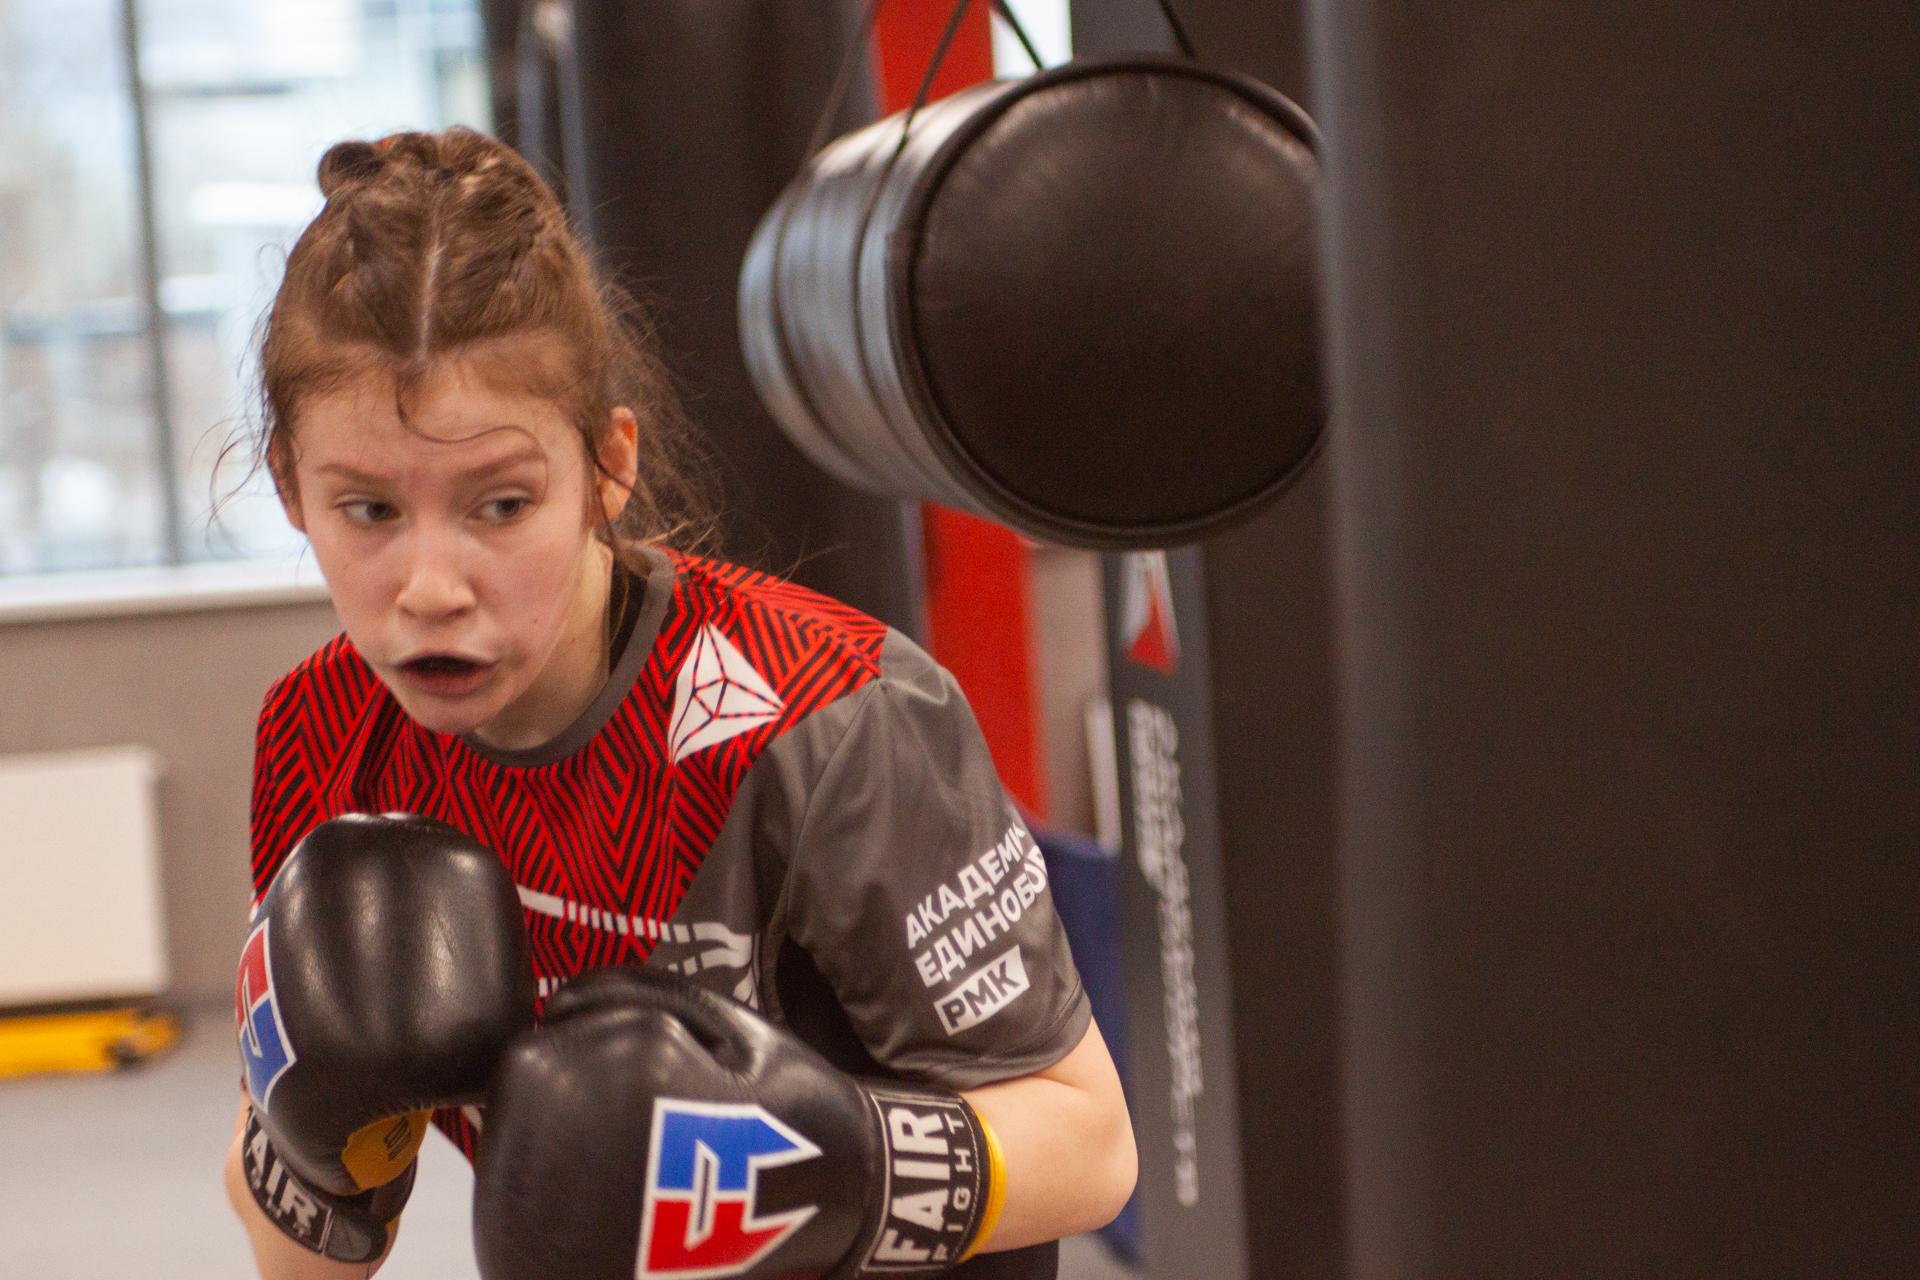 Спортсменки из Свердловской области выступят на Первенстве России по боксу среди юниорок 17-18 лет